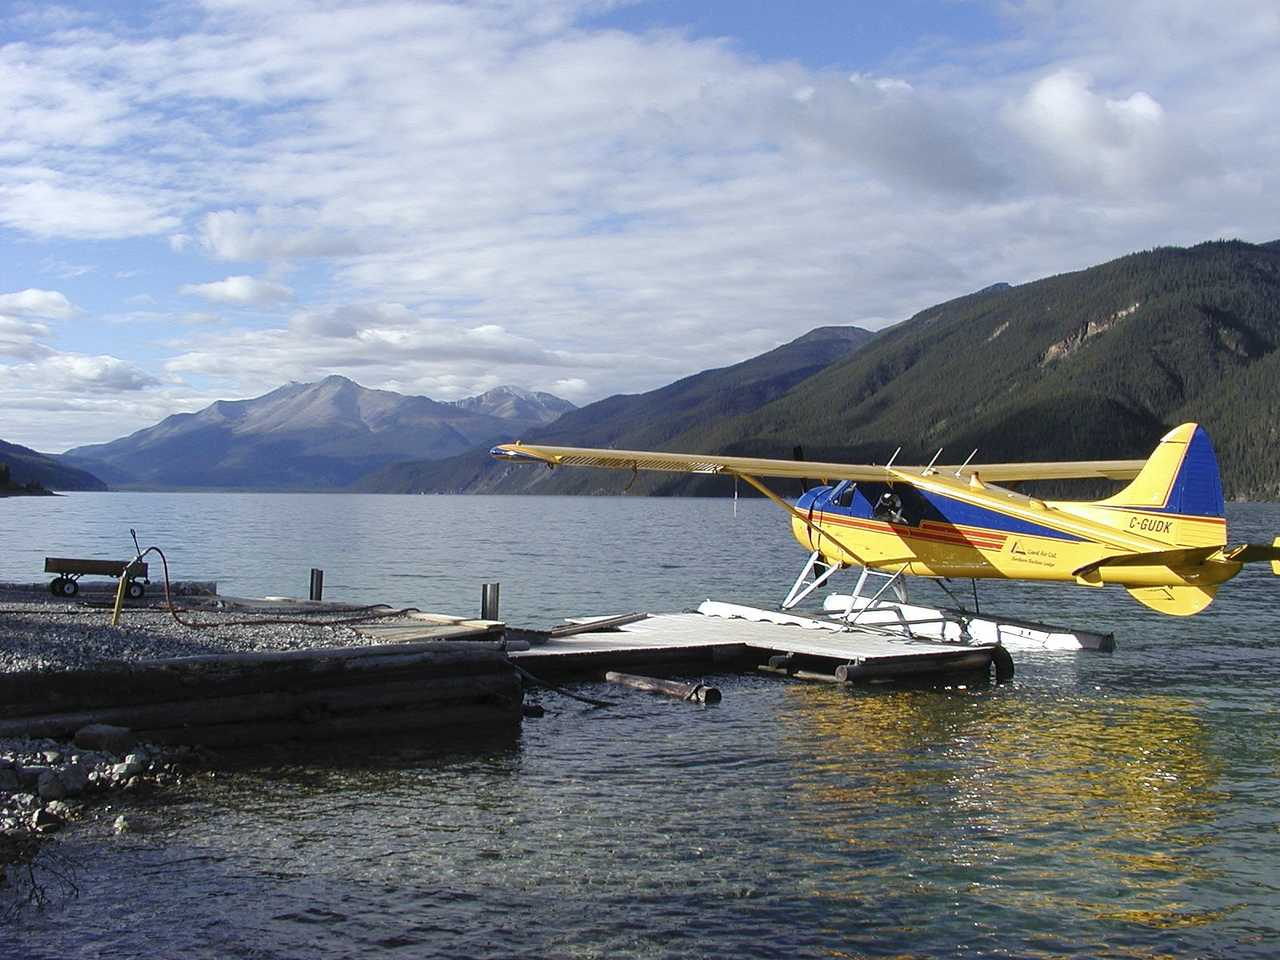 Voyage hydravion Canada